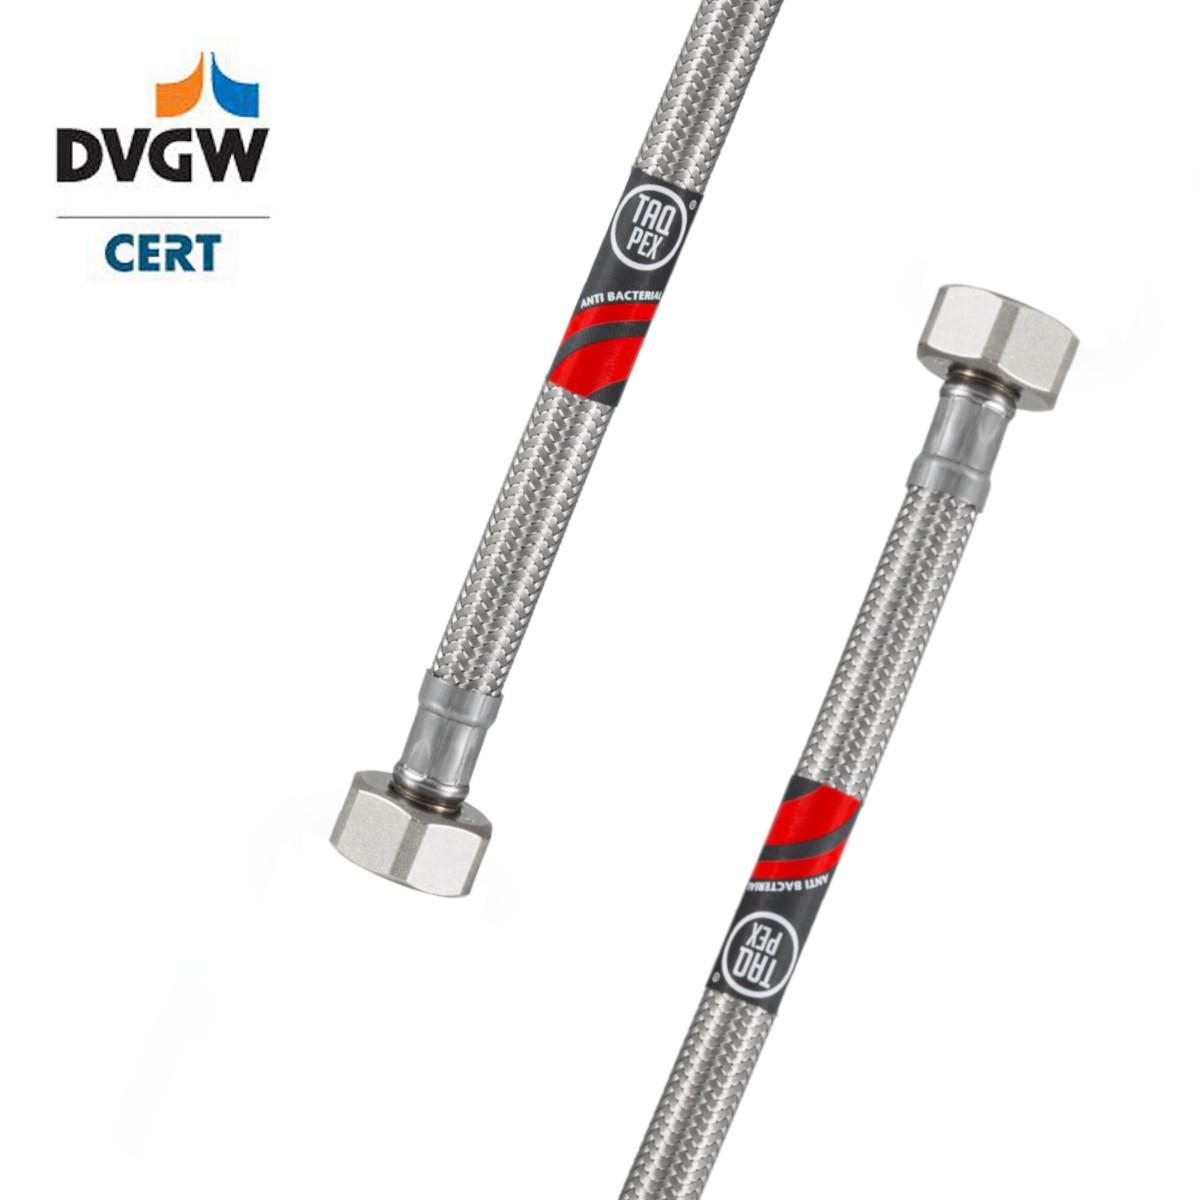 """DVGW geprüfter Flexschlauch 3/8"""" ÜM x 3/8"""" ÜM 600mm Wasseranschluss-Anschlussschlauch Verlängerung"""